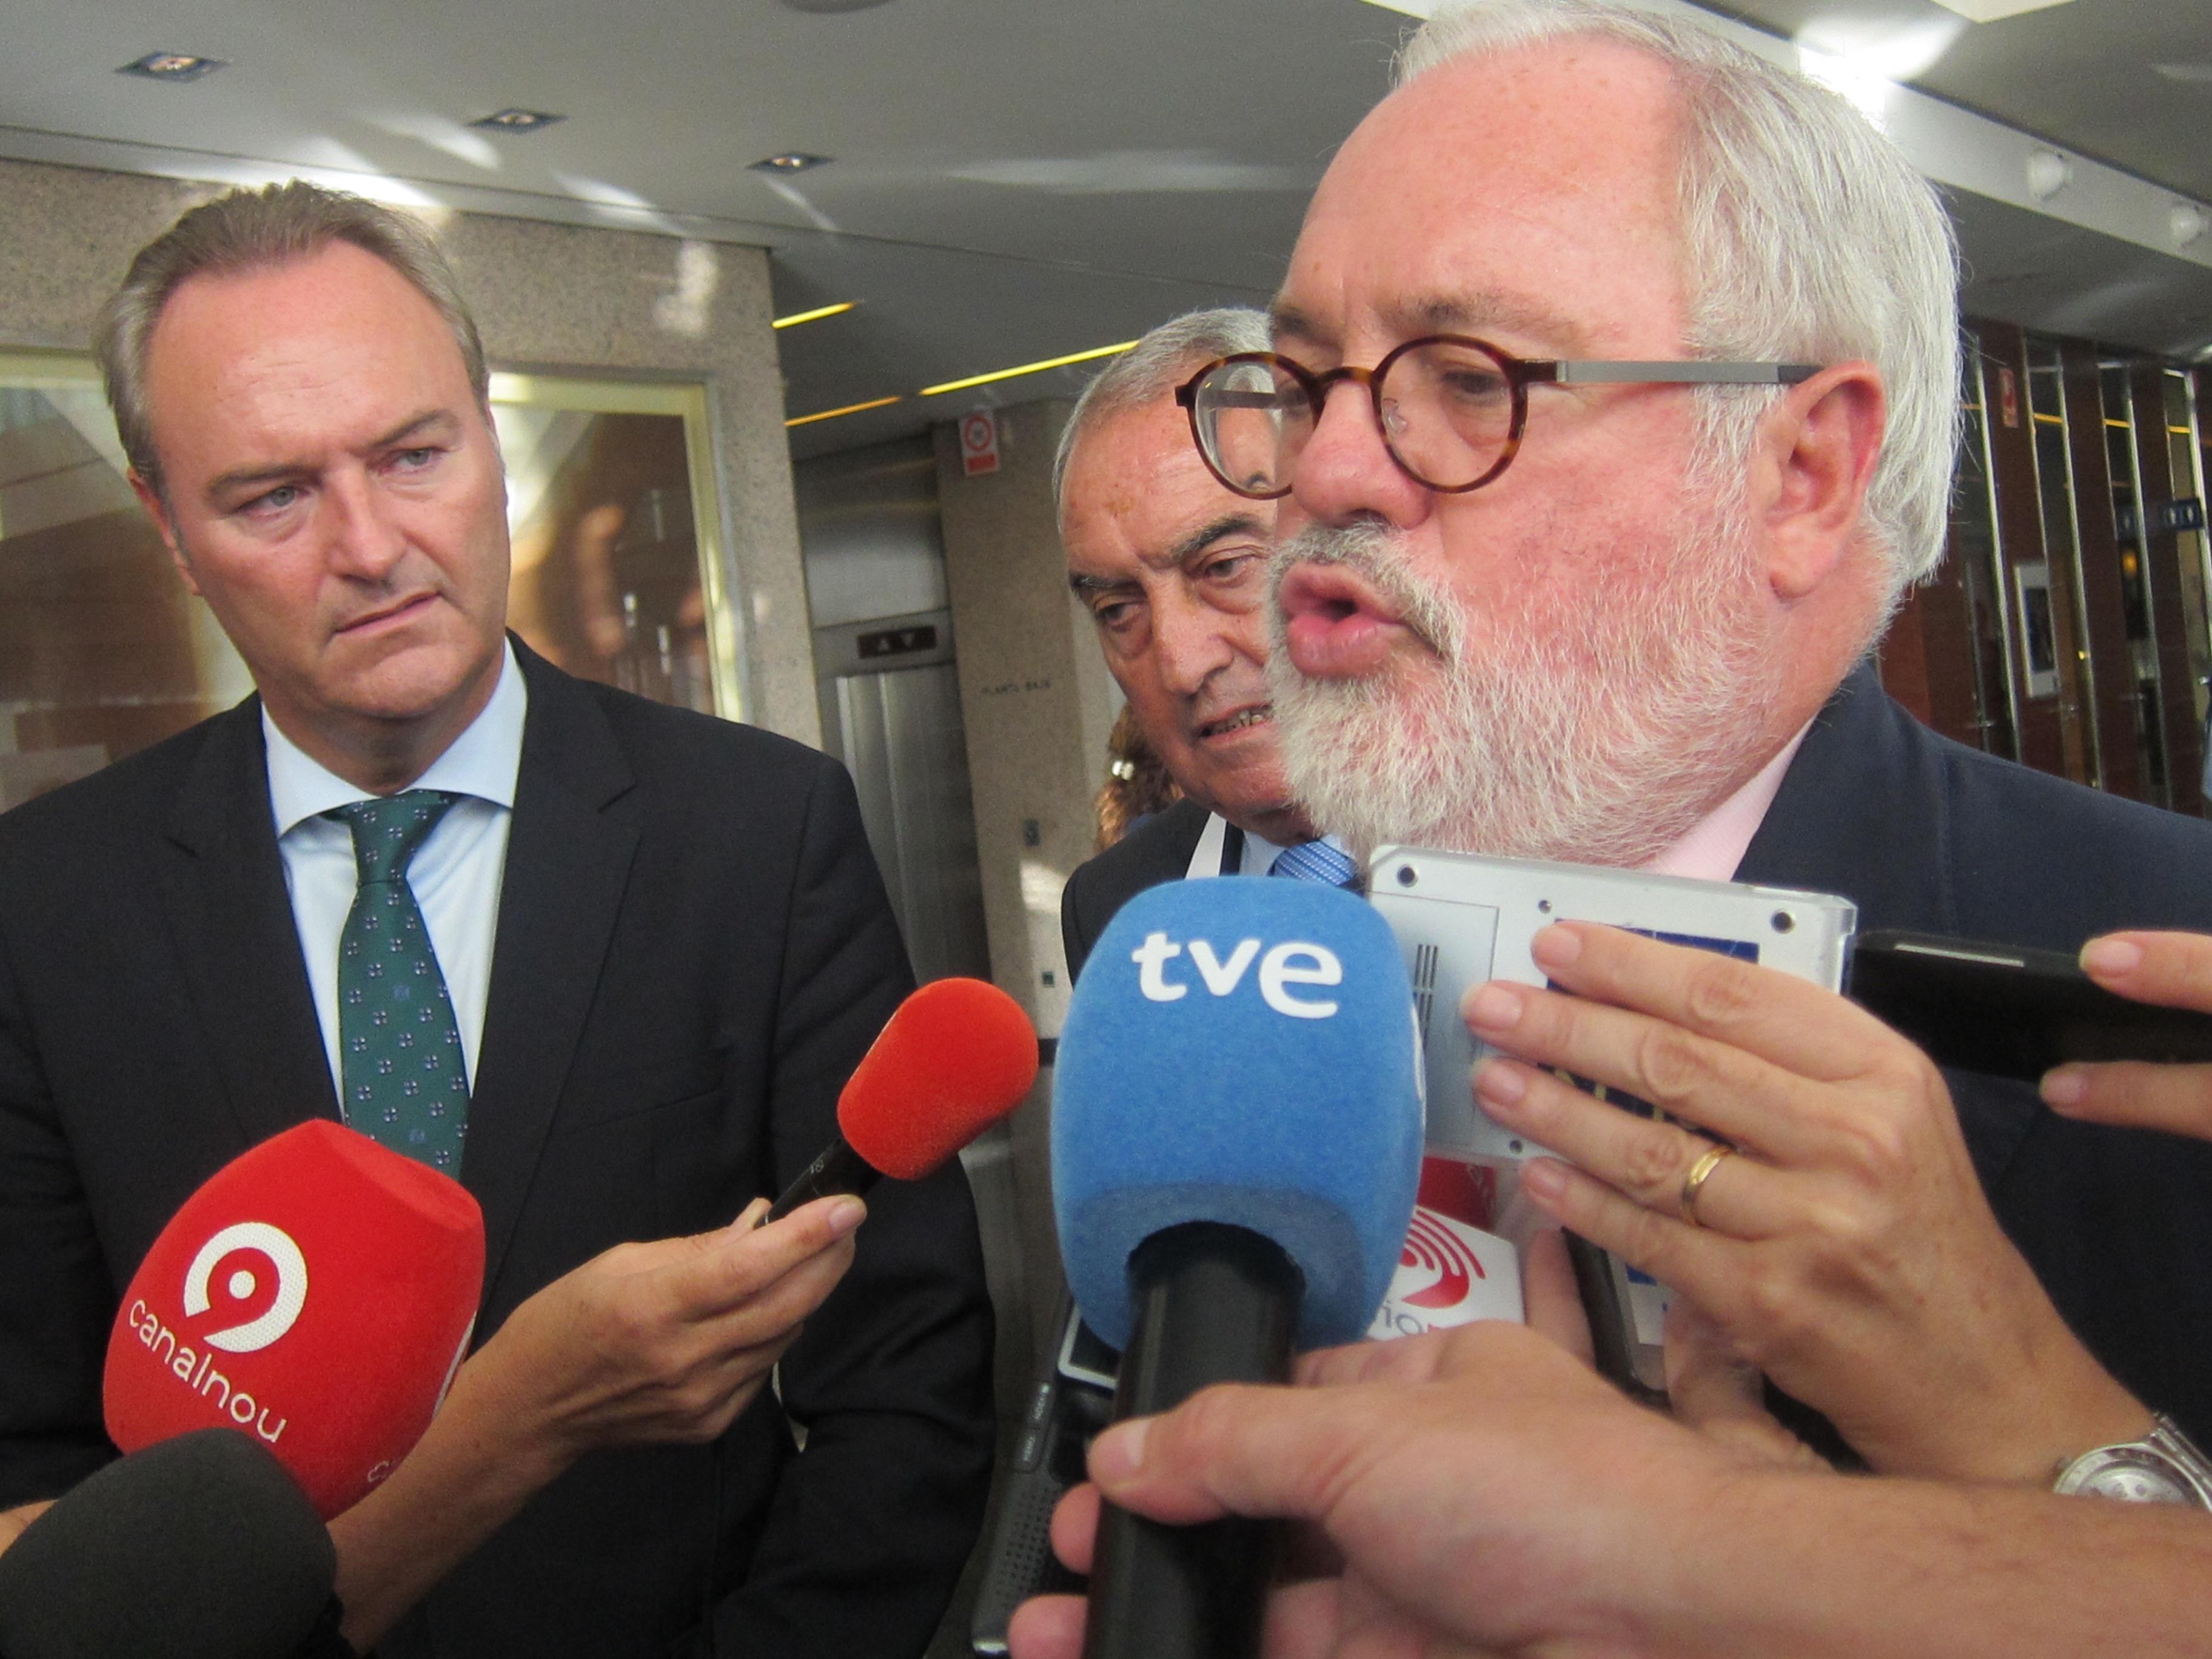 Agua- Cañete dice estar «absolutamente seguro» de que habrá acuerdo sobre el Plan del Tajo pero admite que «no es fácil»